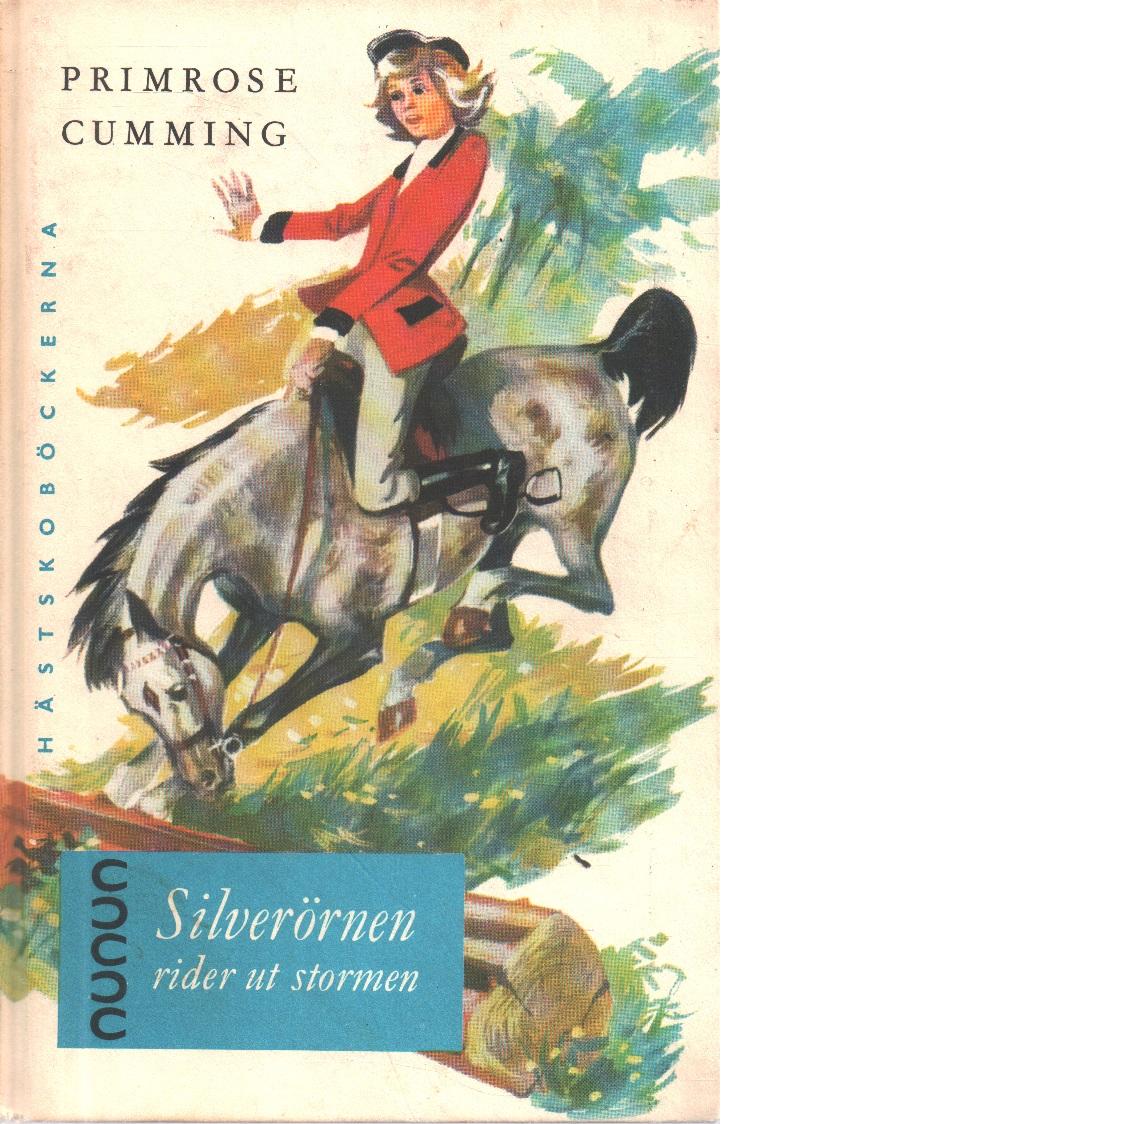 Silverörnen rider ut stormen - Cumming, Primrose